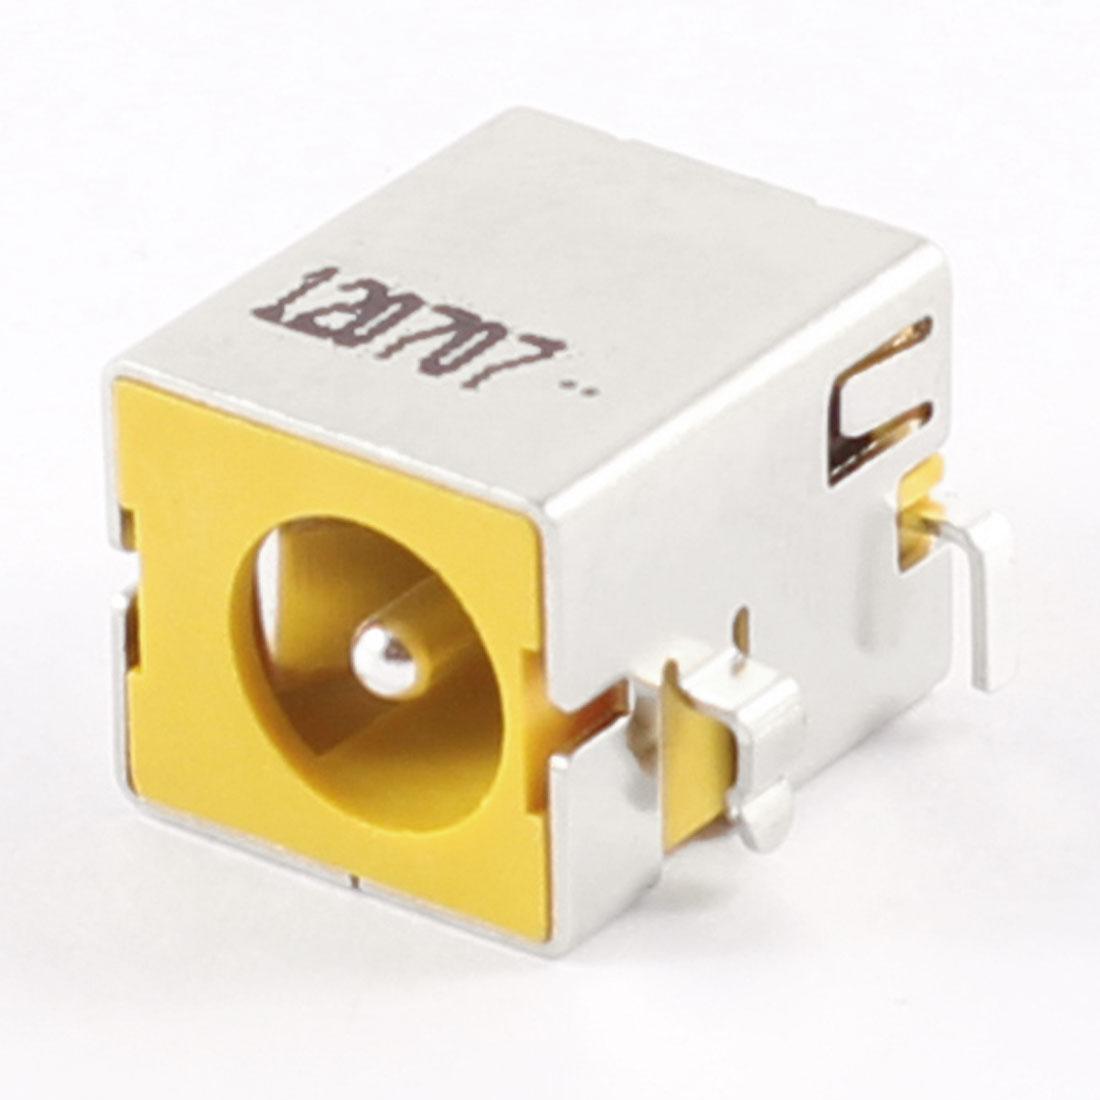 PJ028 DC Power Jack for Compaq Presario V1000 V1200 V1300 V1400 V1500 Series